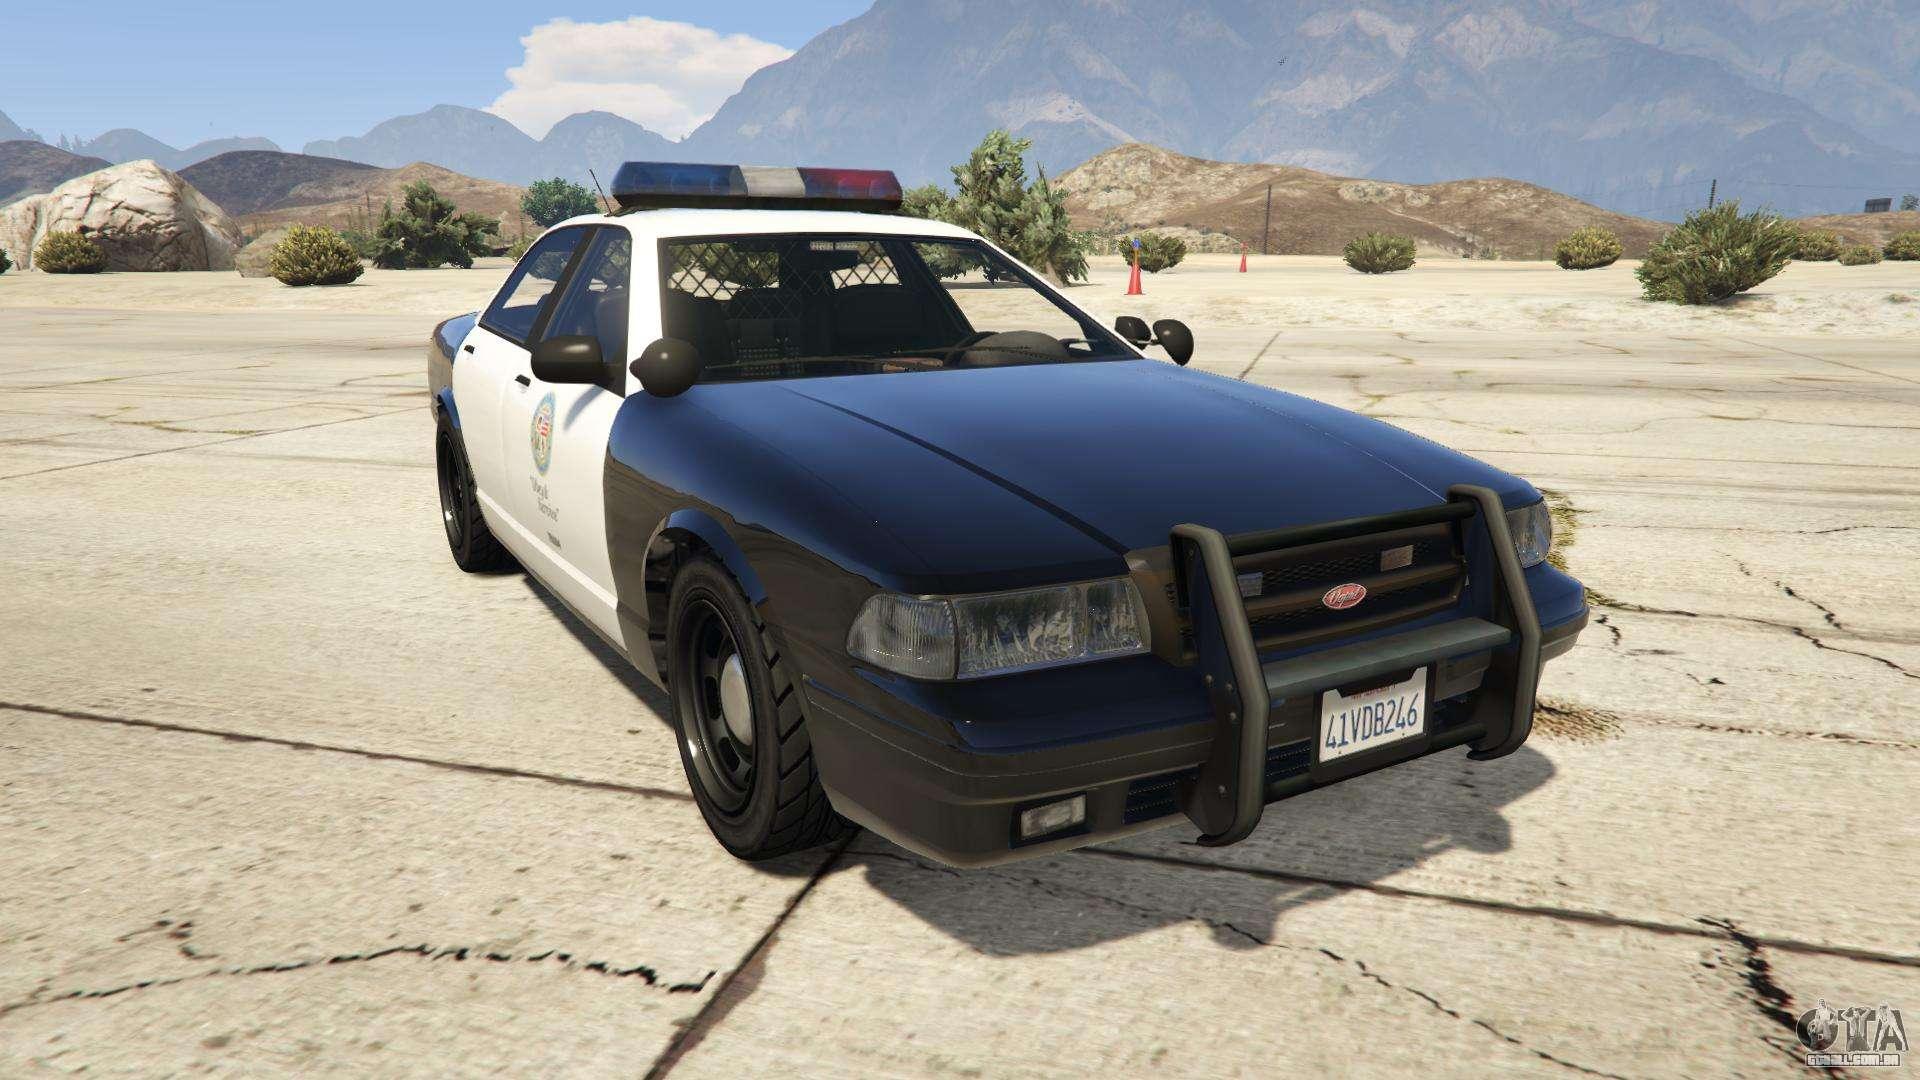 GTA 5 Vapid Police Cruiser - vista frontal